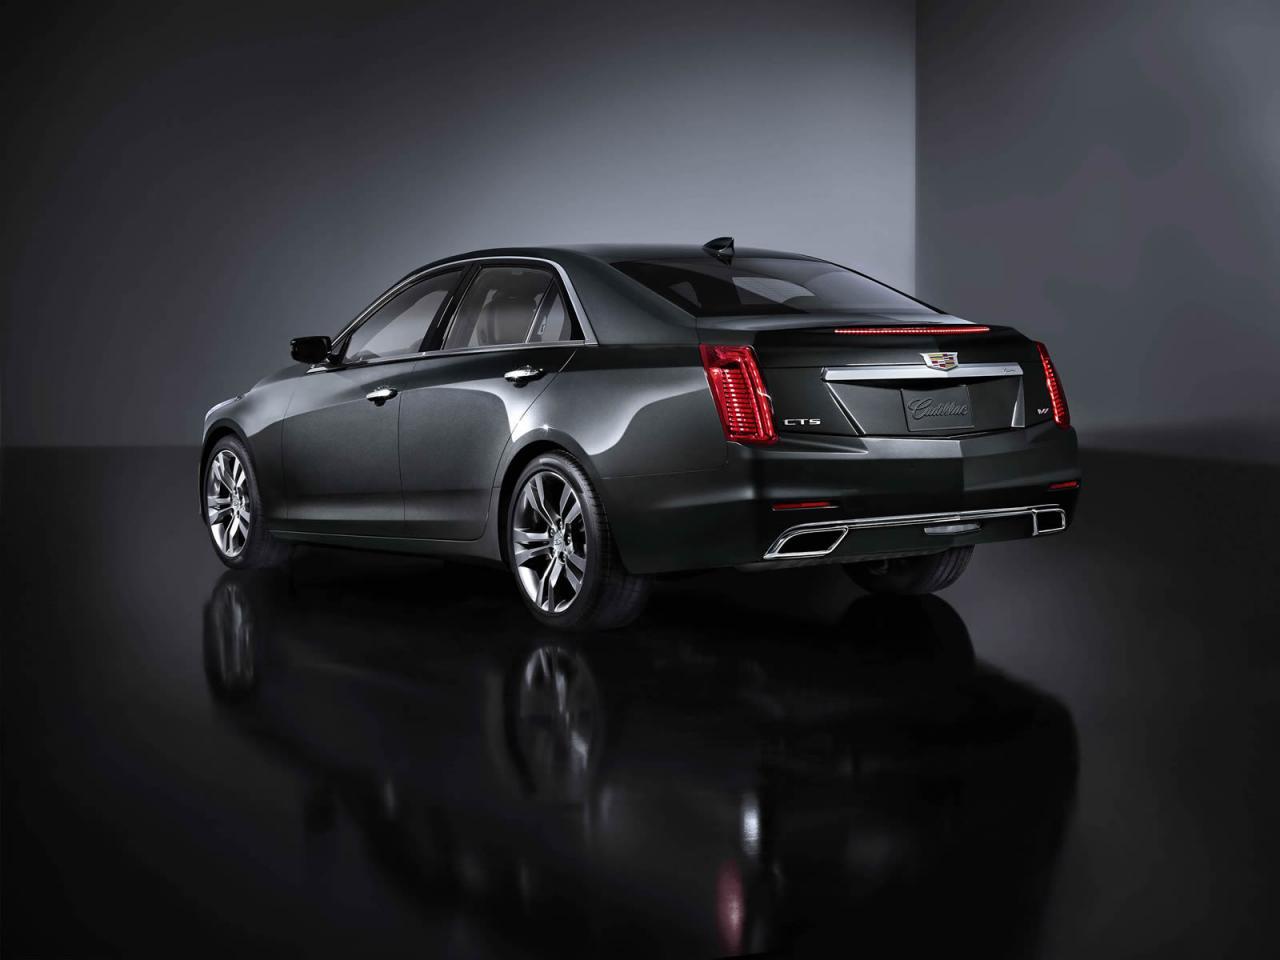 Cadillac CTS rear